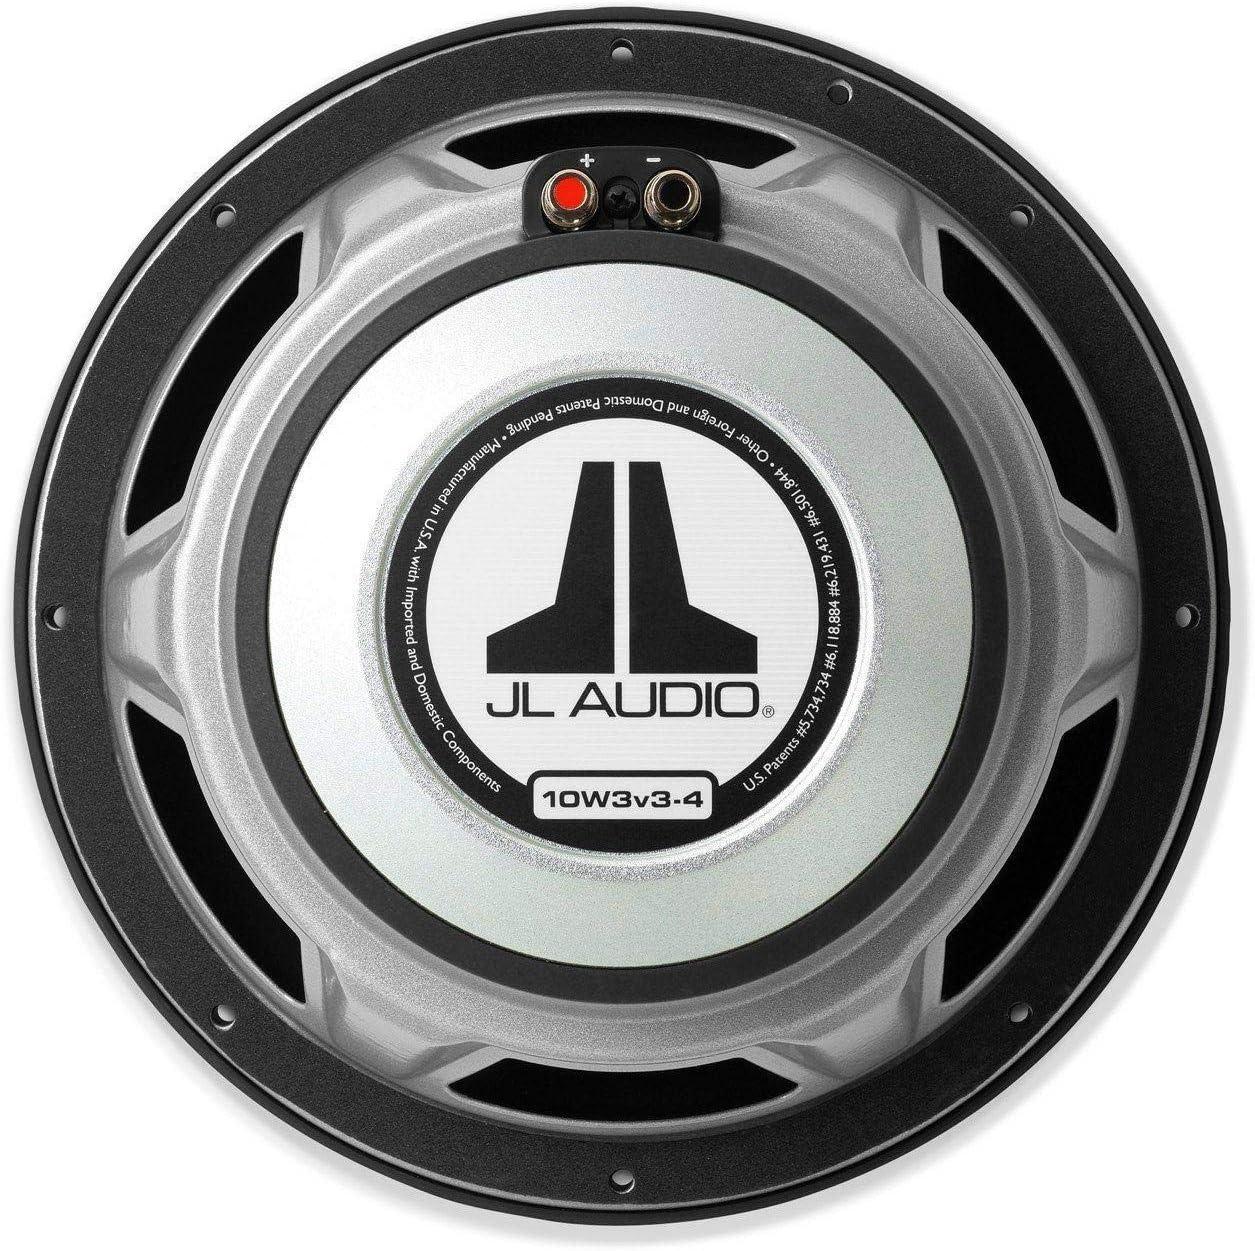 JL Audio 10W3v3-2 10 Single 2 ohm W3v3 Series Subwoofer 10W3v3